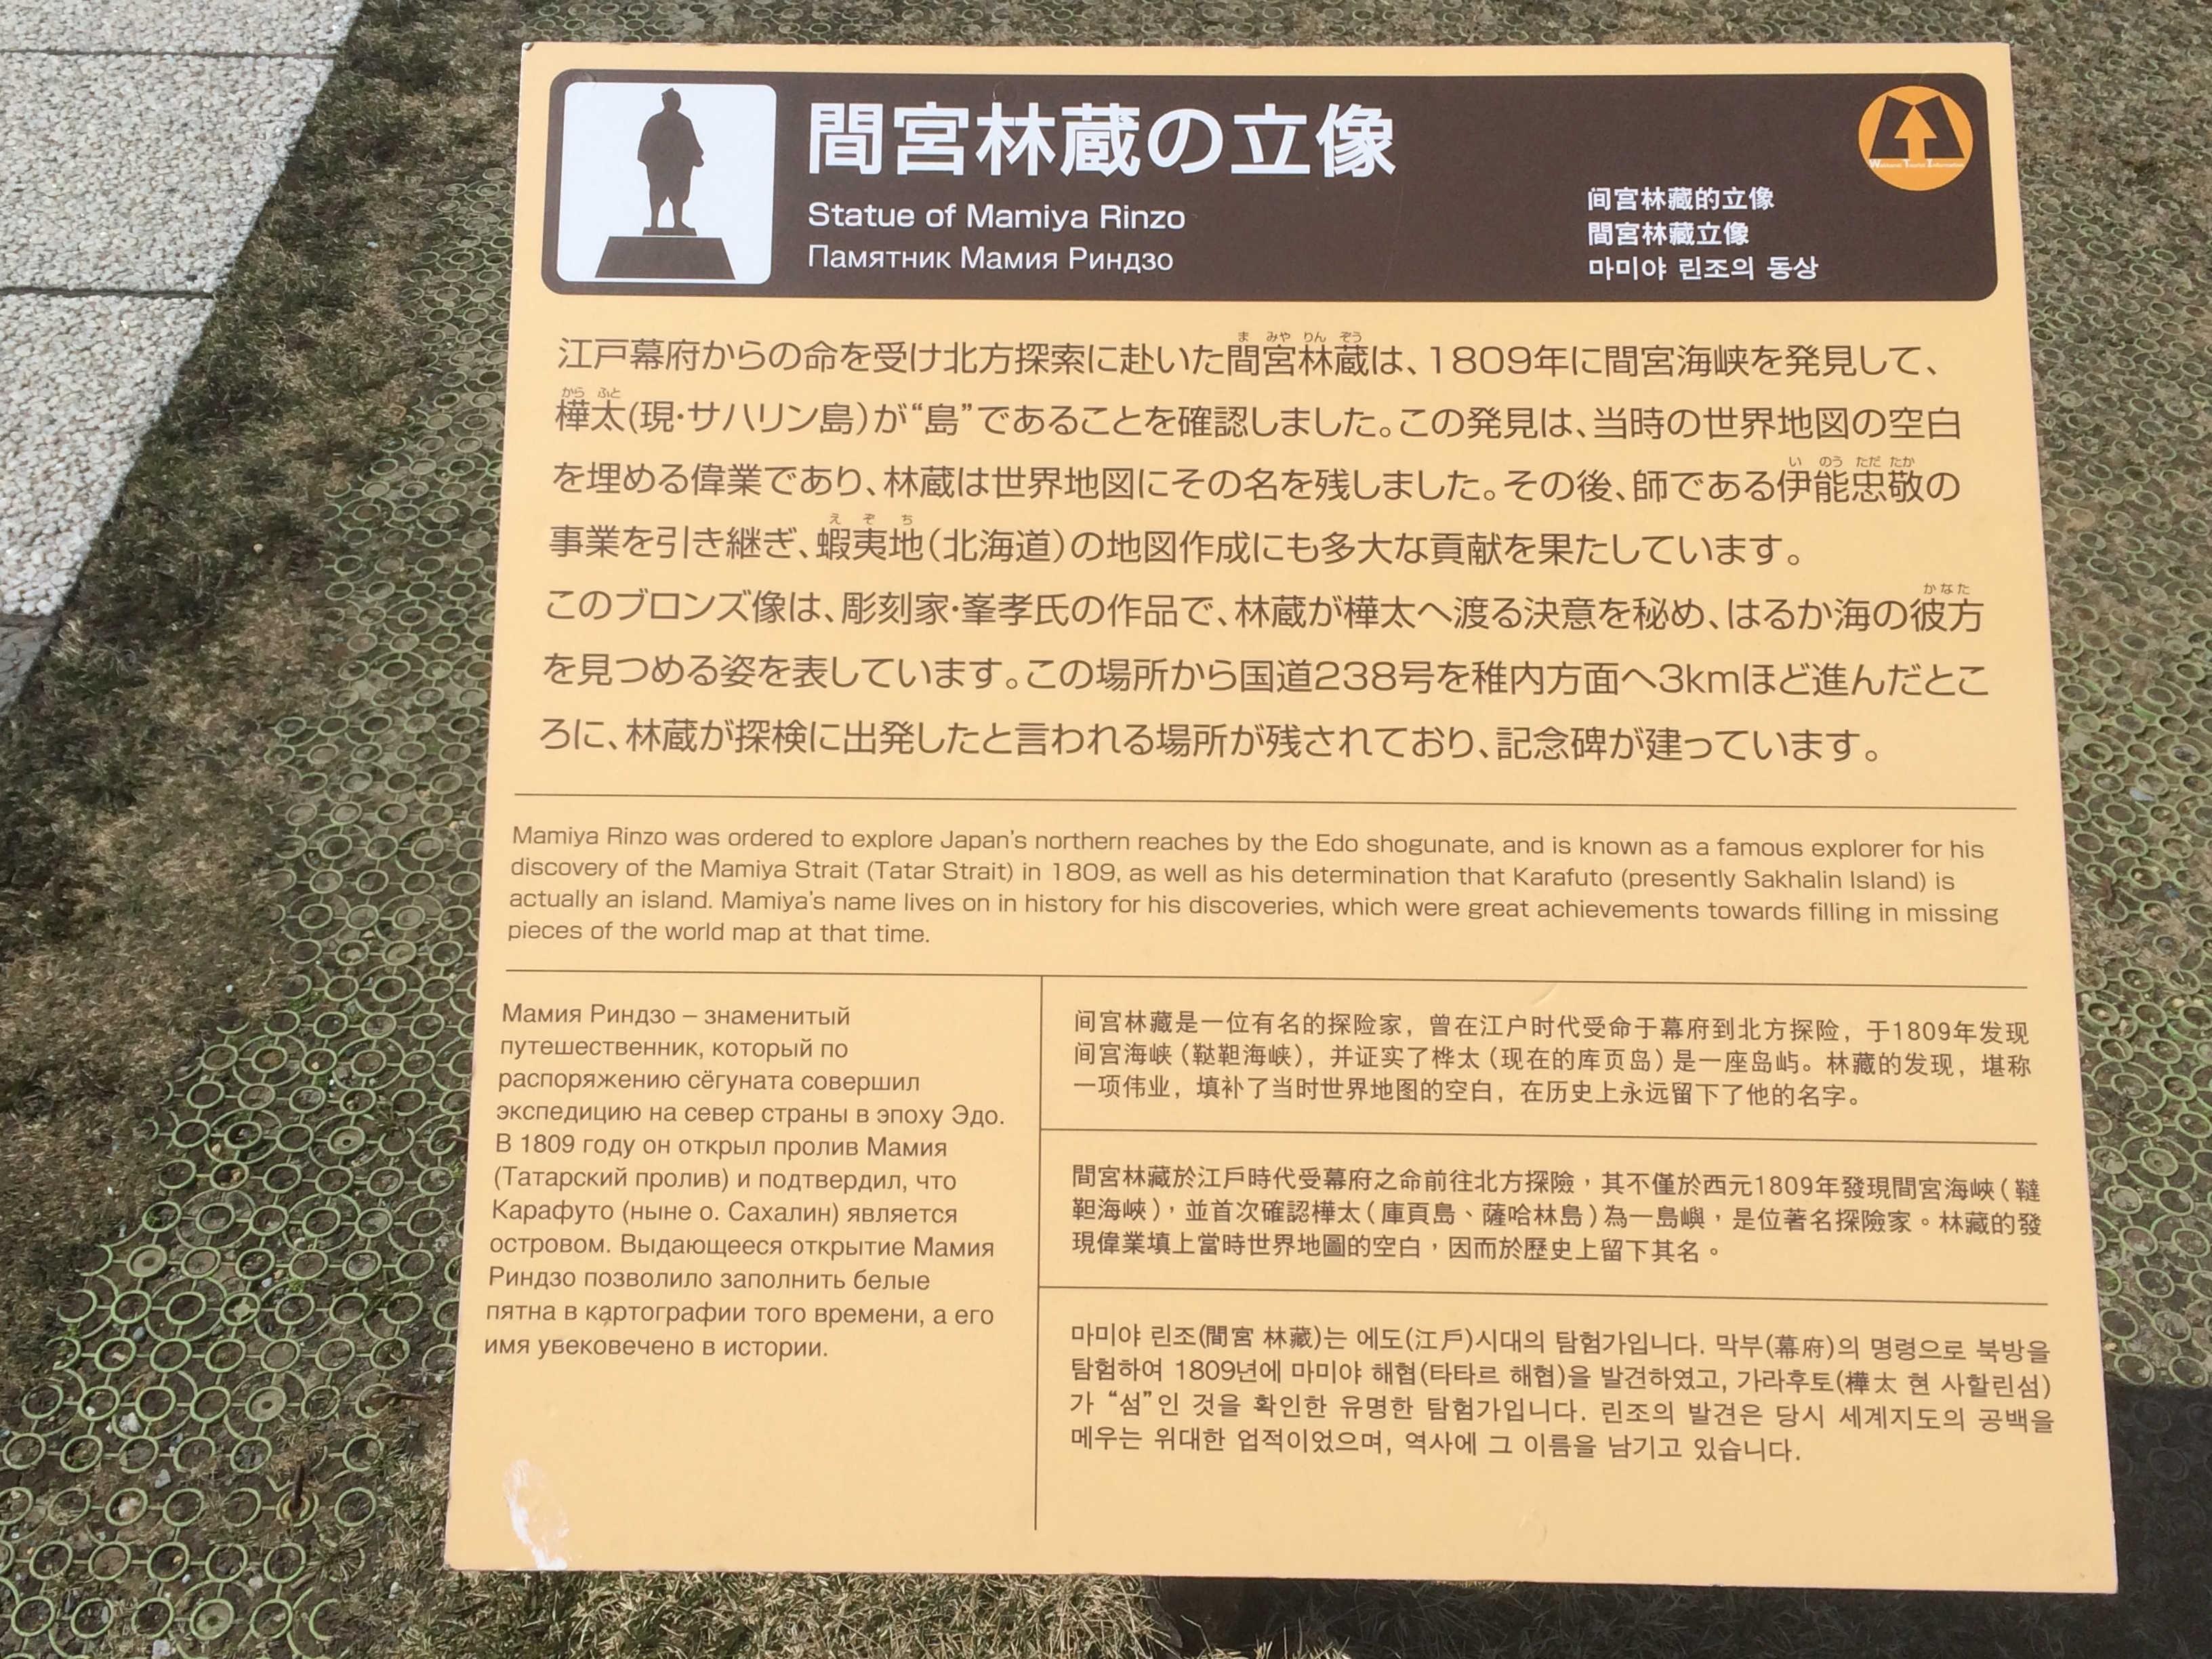 間宮林蔵の立像